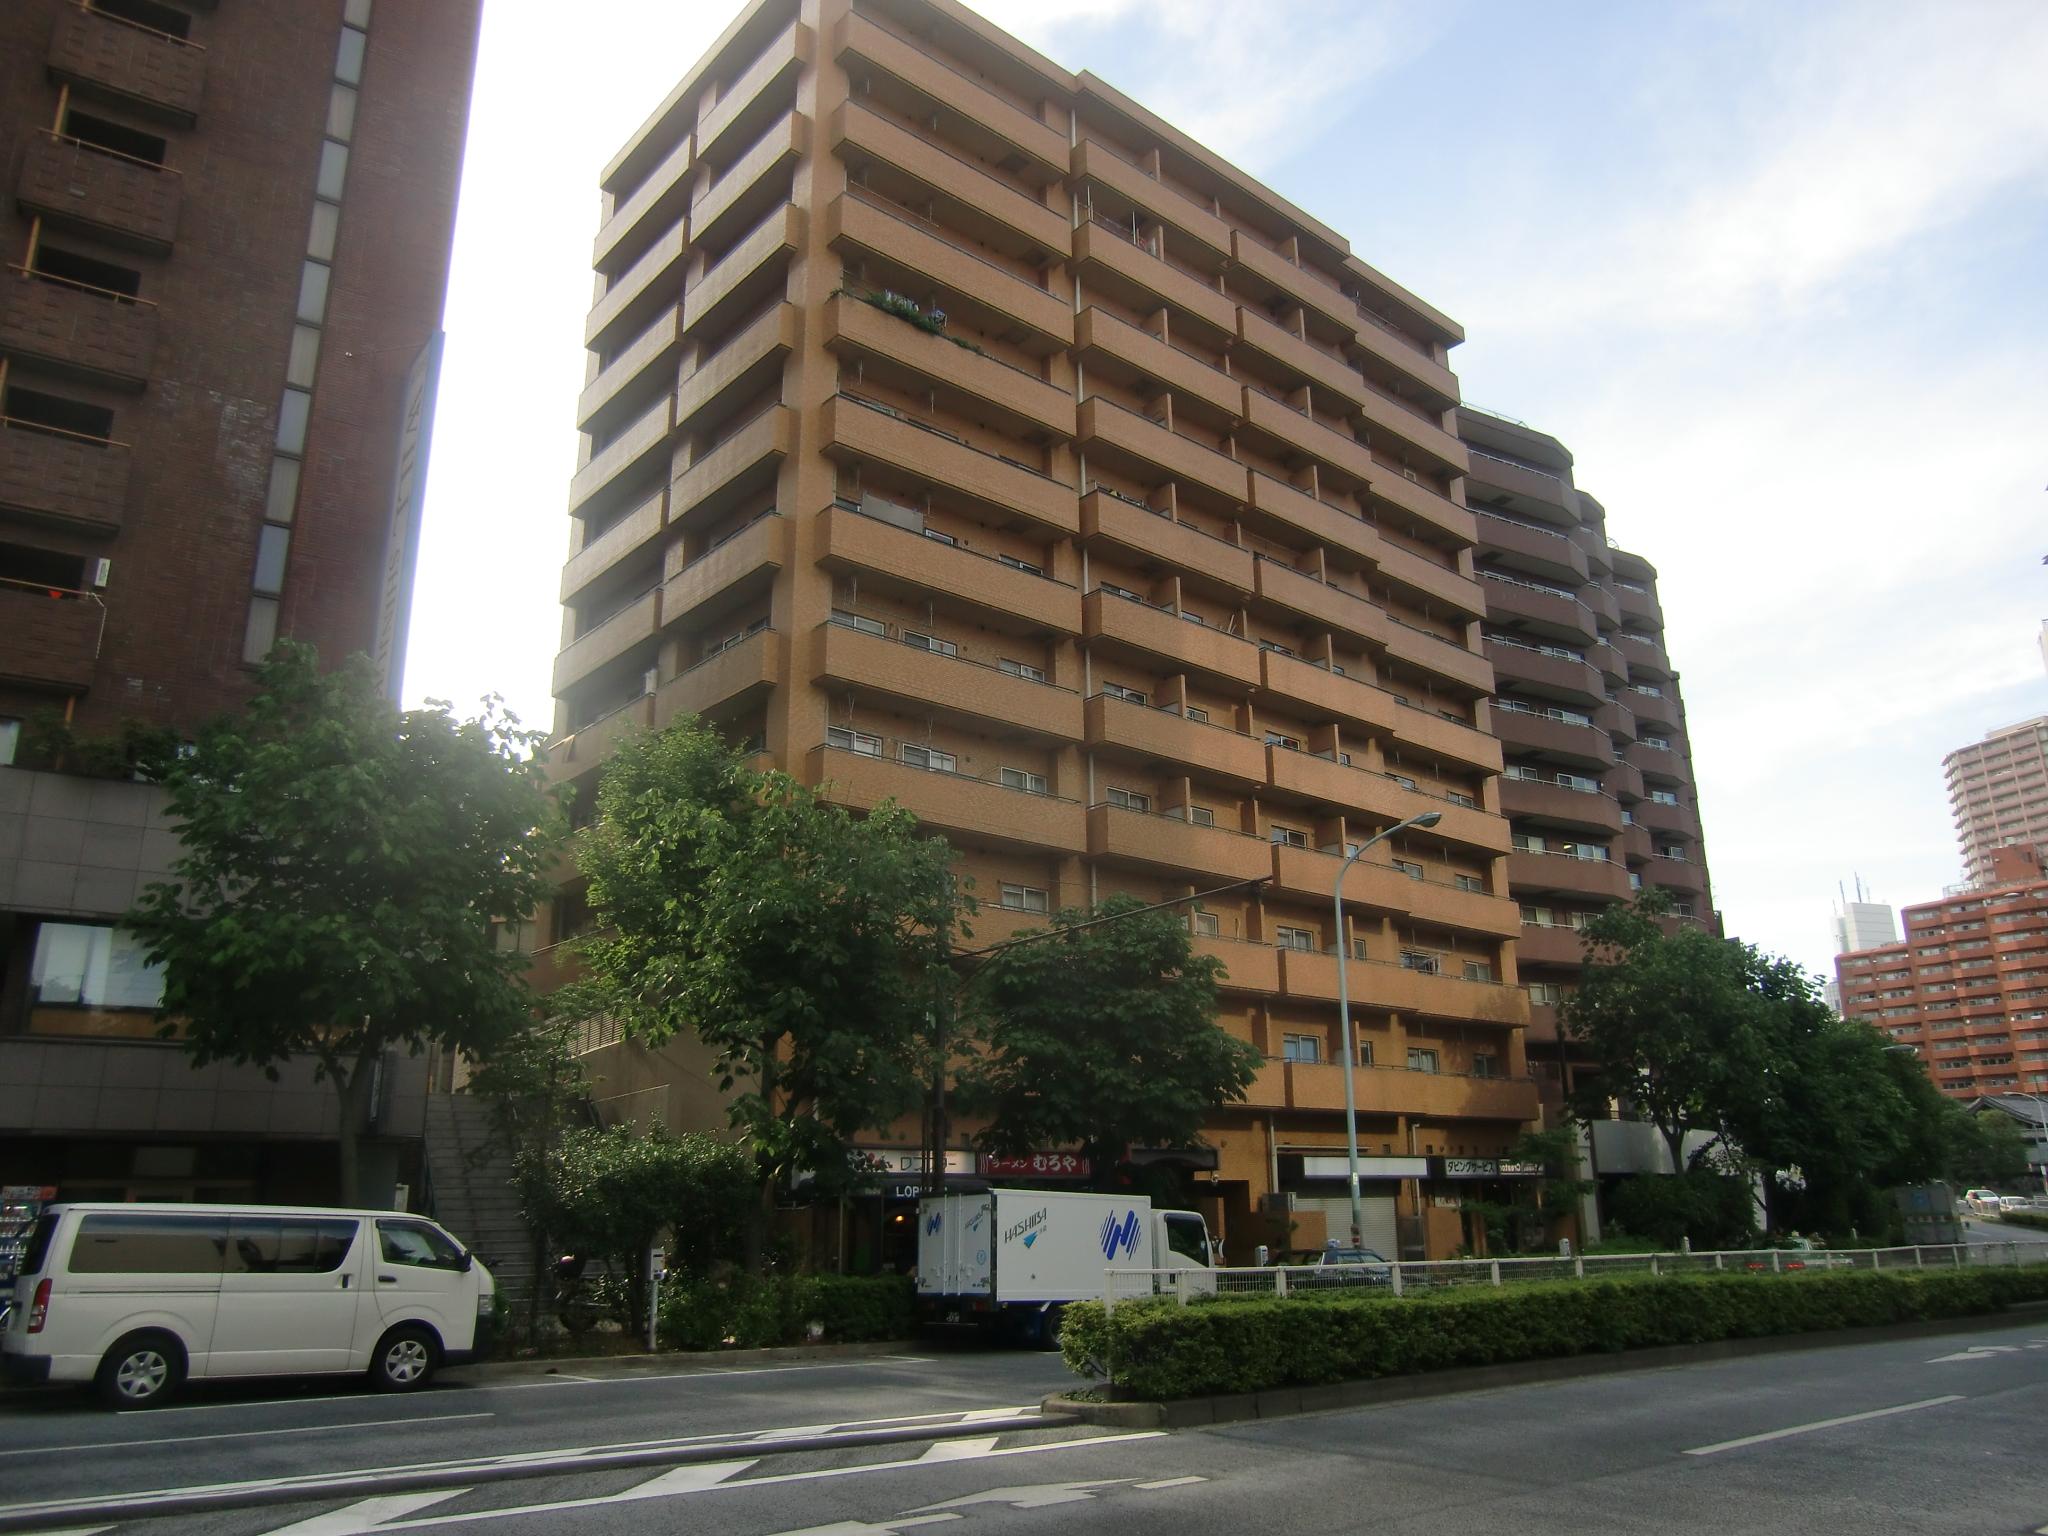 TN-東京新宿御苑前(1480)7